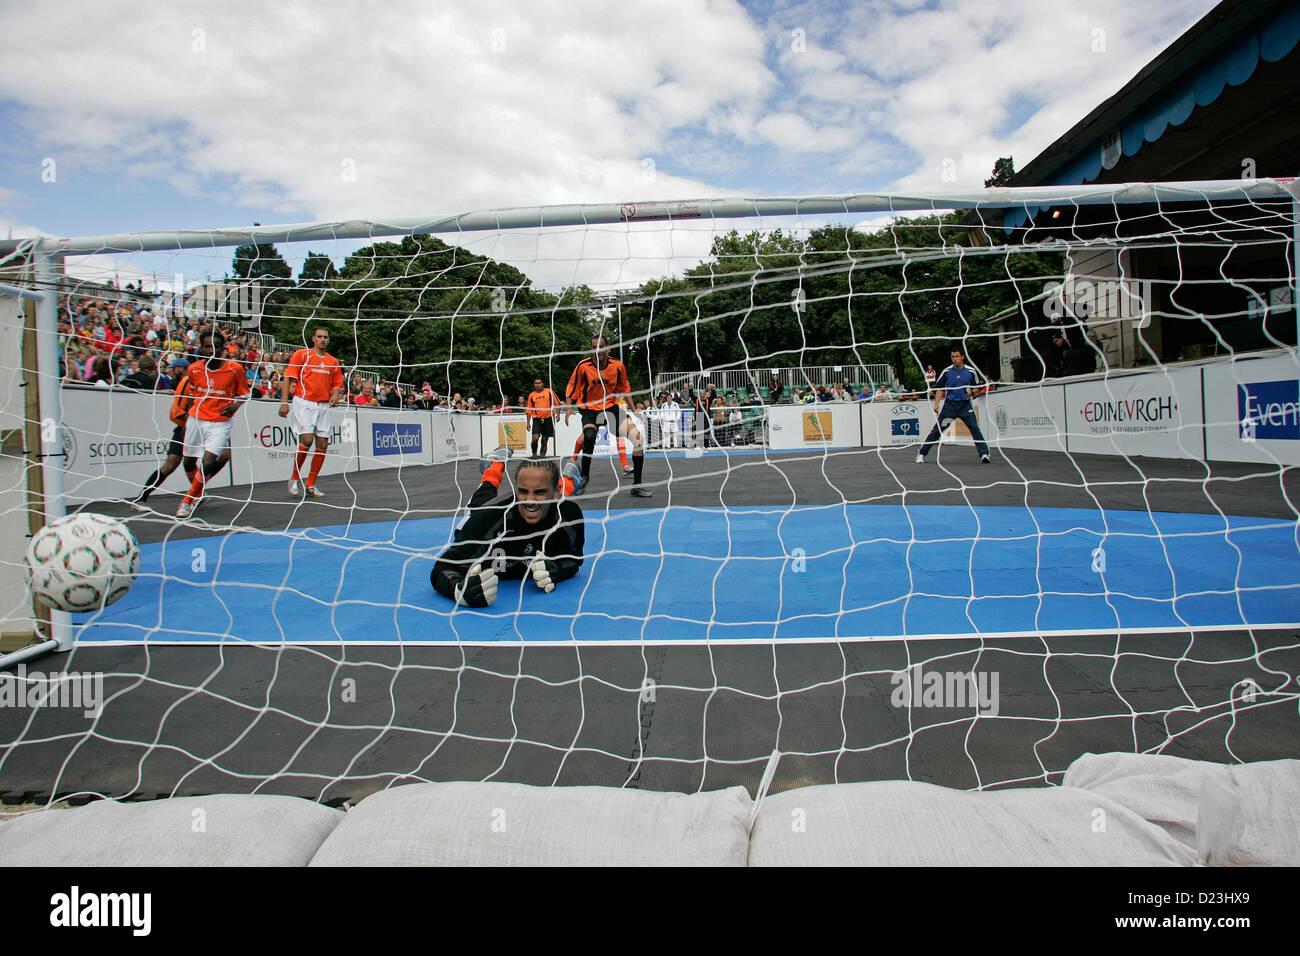 Holland v. Brasil en la Homeless World Cup, un torneo de fútbol celebrado en Edimburgo, Escocia, en 2005 Imagen De Stock